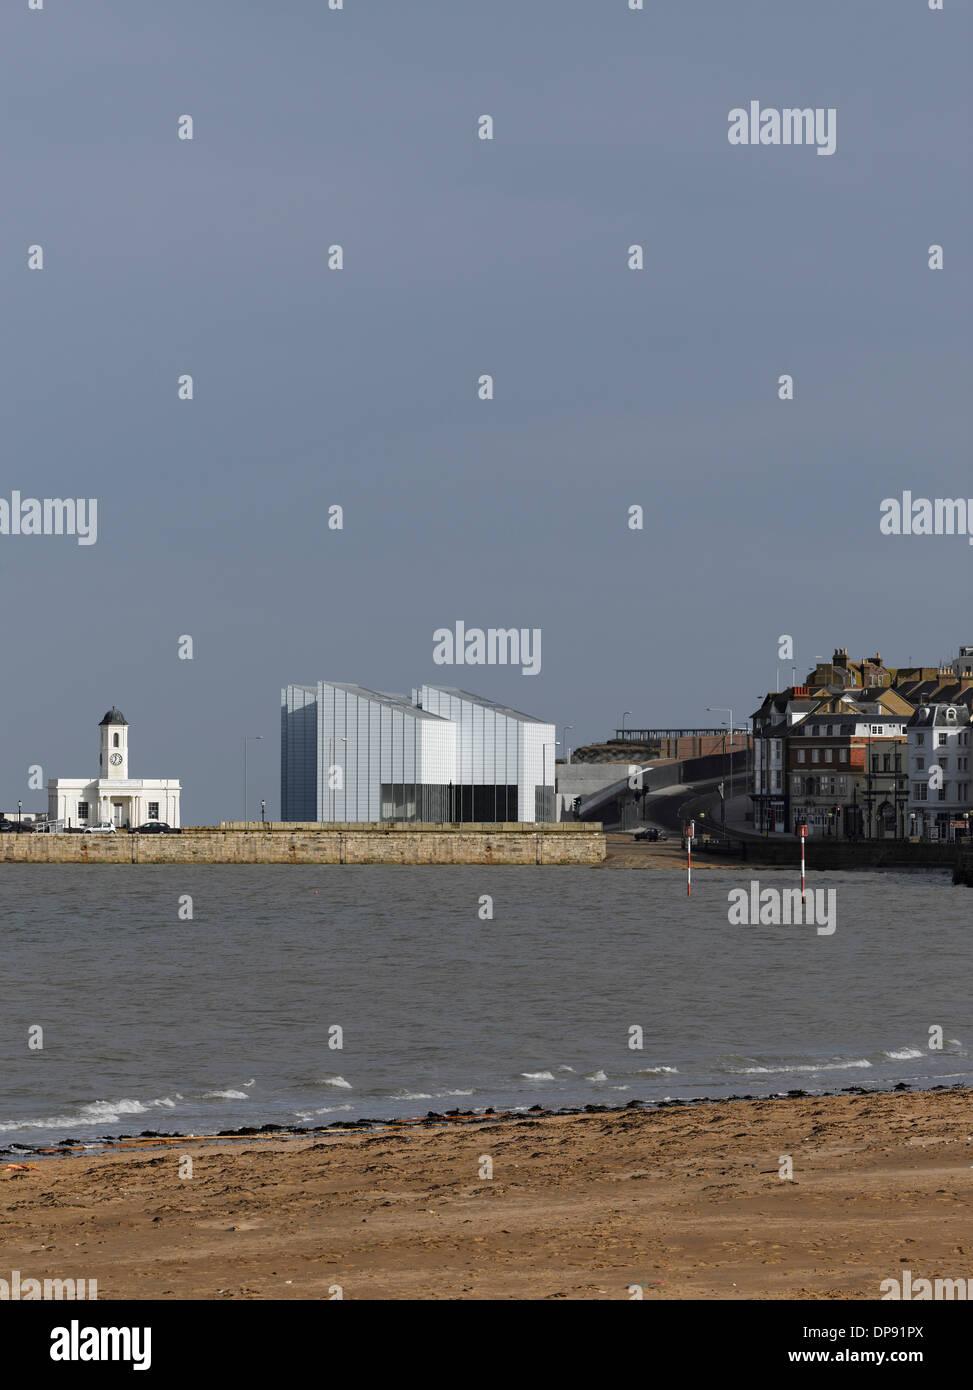 Turner contemporaneo, Margate, Kent, Inghilterra, Regno Unito. Immagini Stock